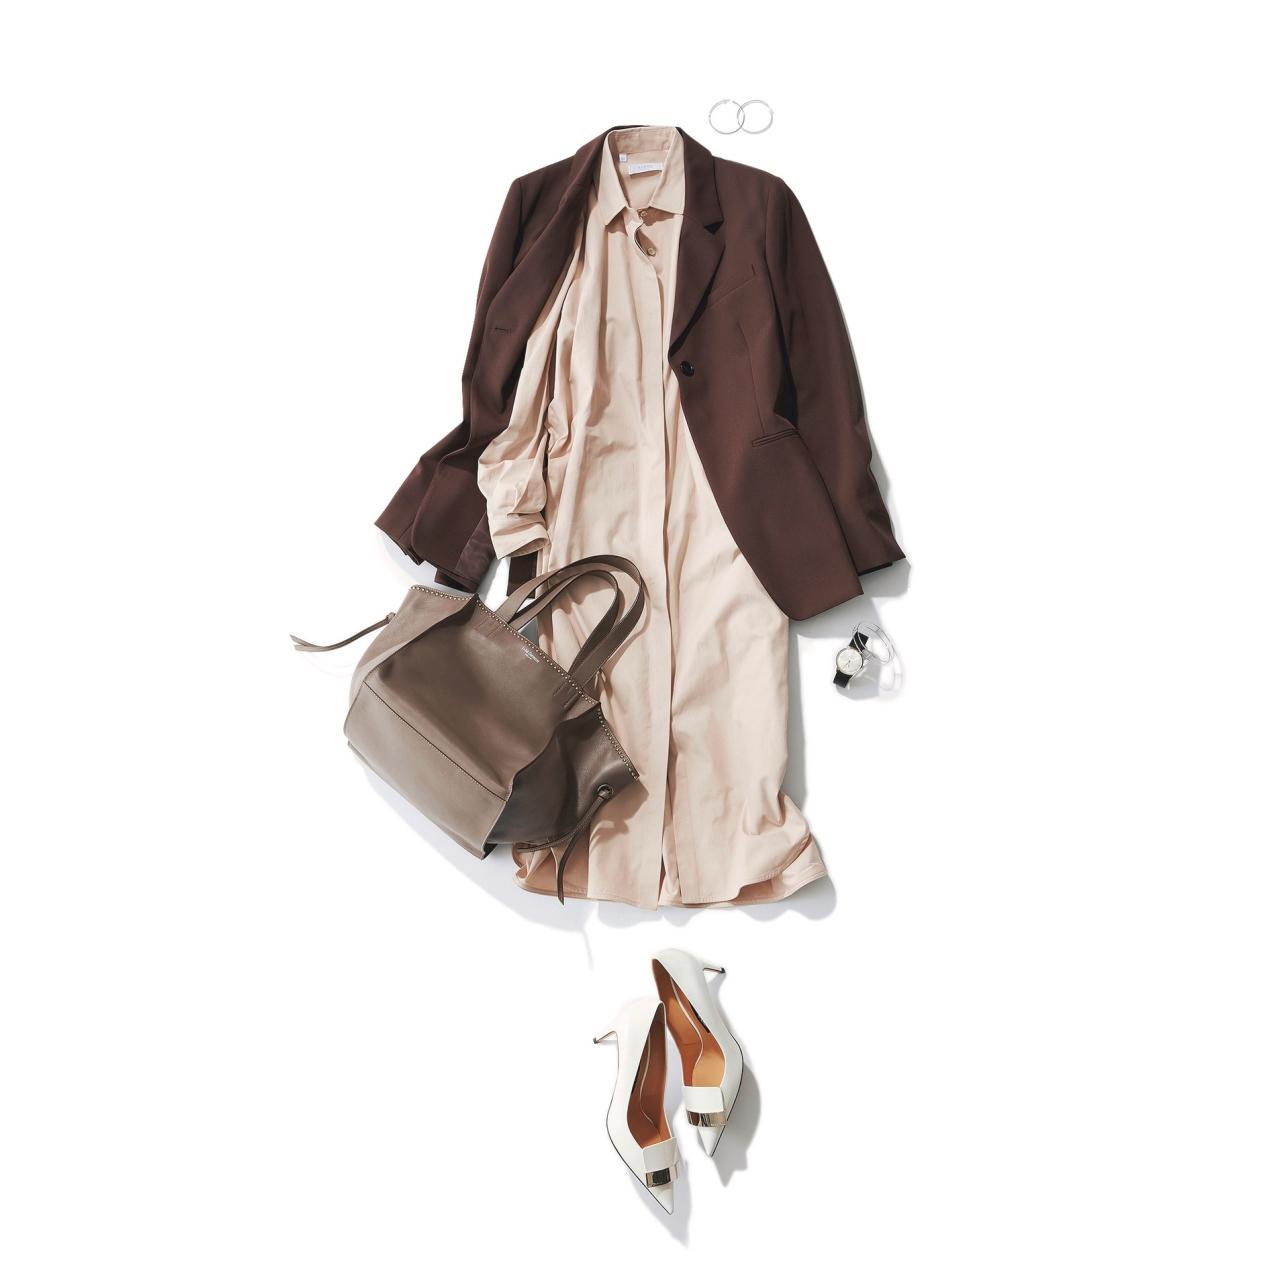 ジャケットコーデ×ワンピースのファッションコーデ